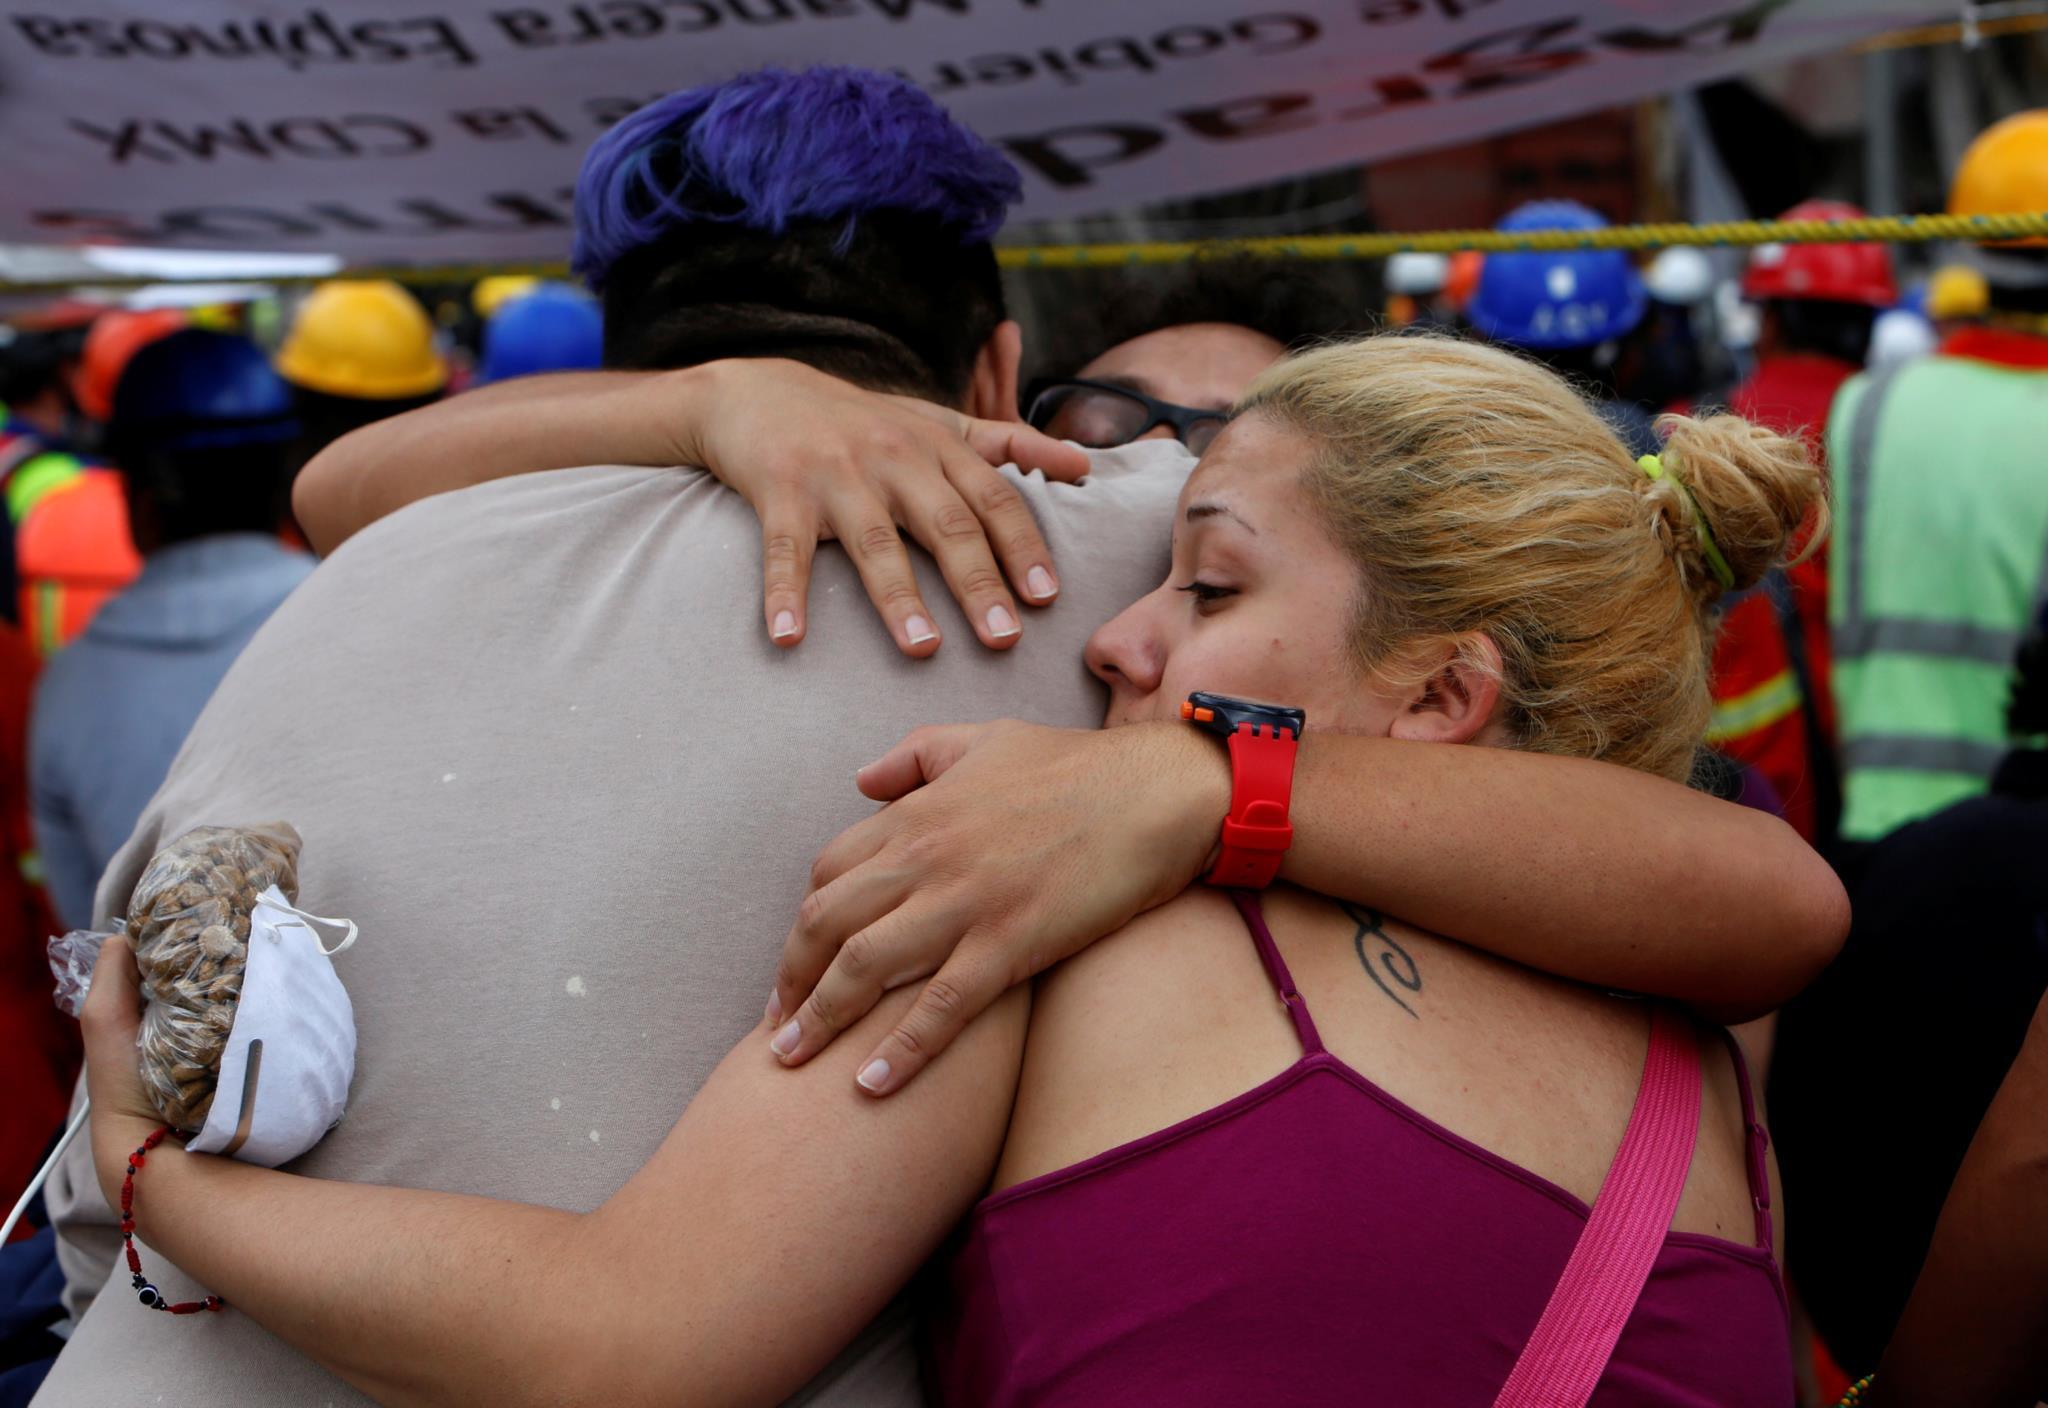 PÚBLICO - O desastre atingiu o México e a população uniu-se em busca de sobreviventes